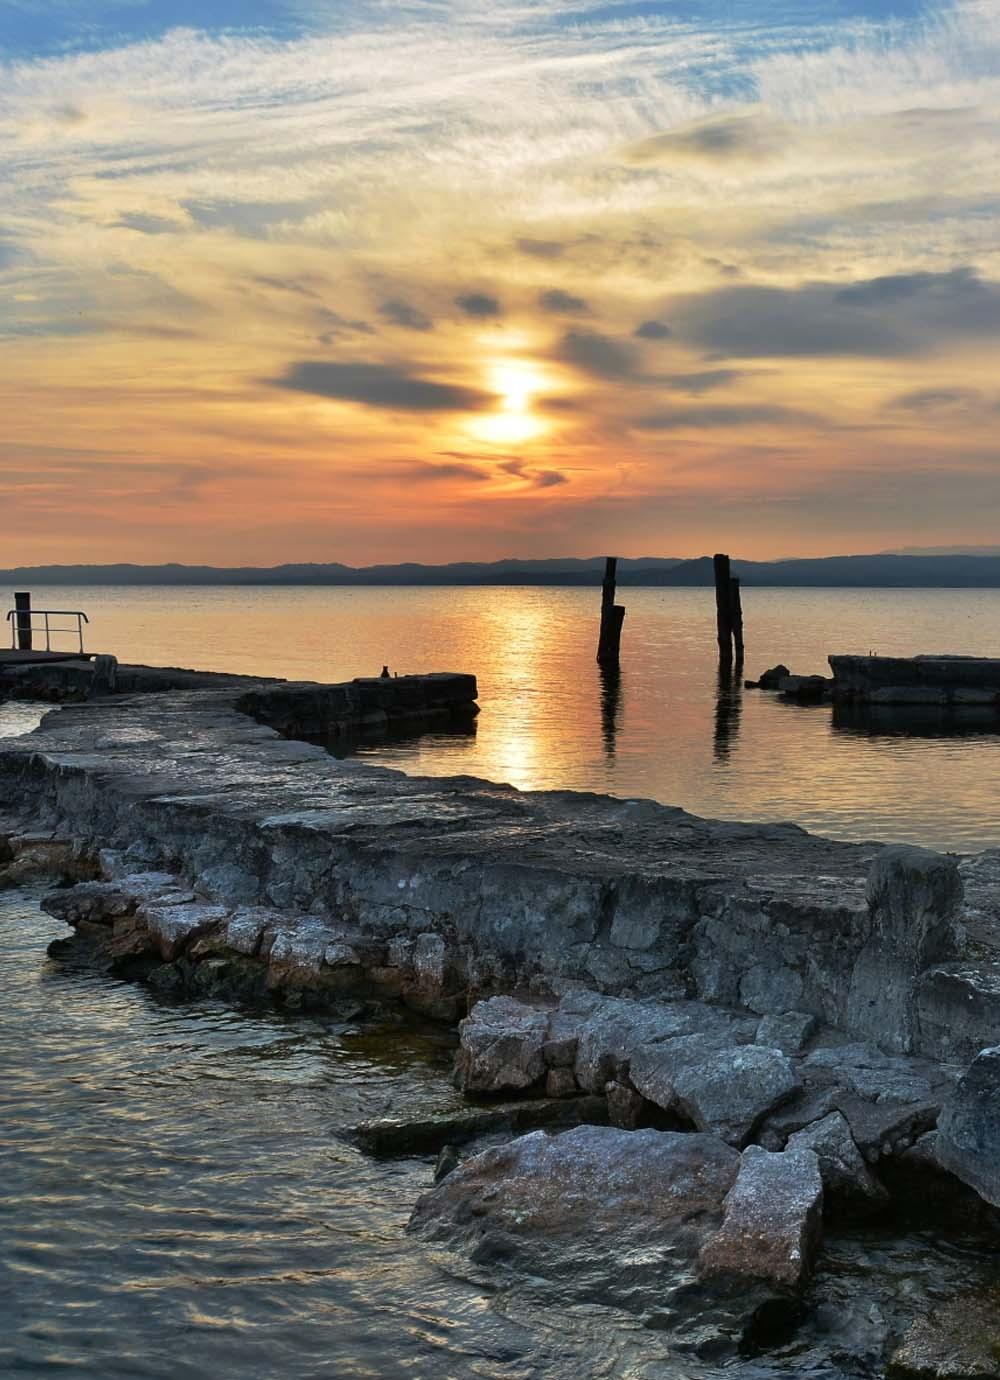 Tours - Excursion on Island Lake Garda (photo 6)